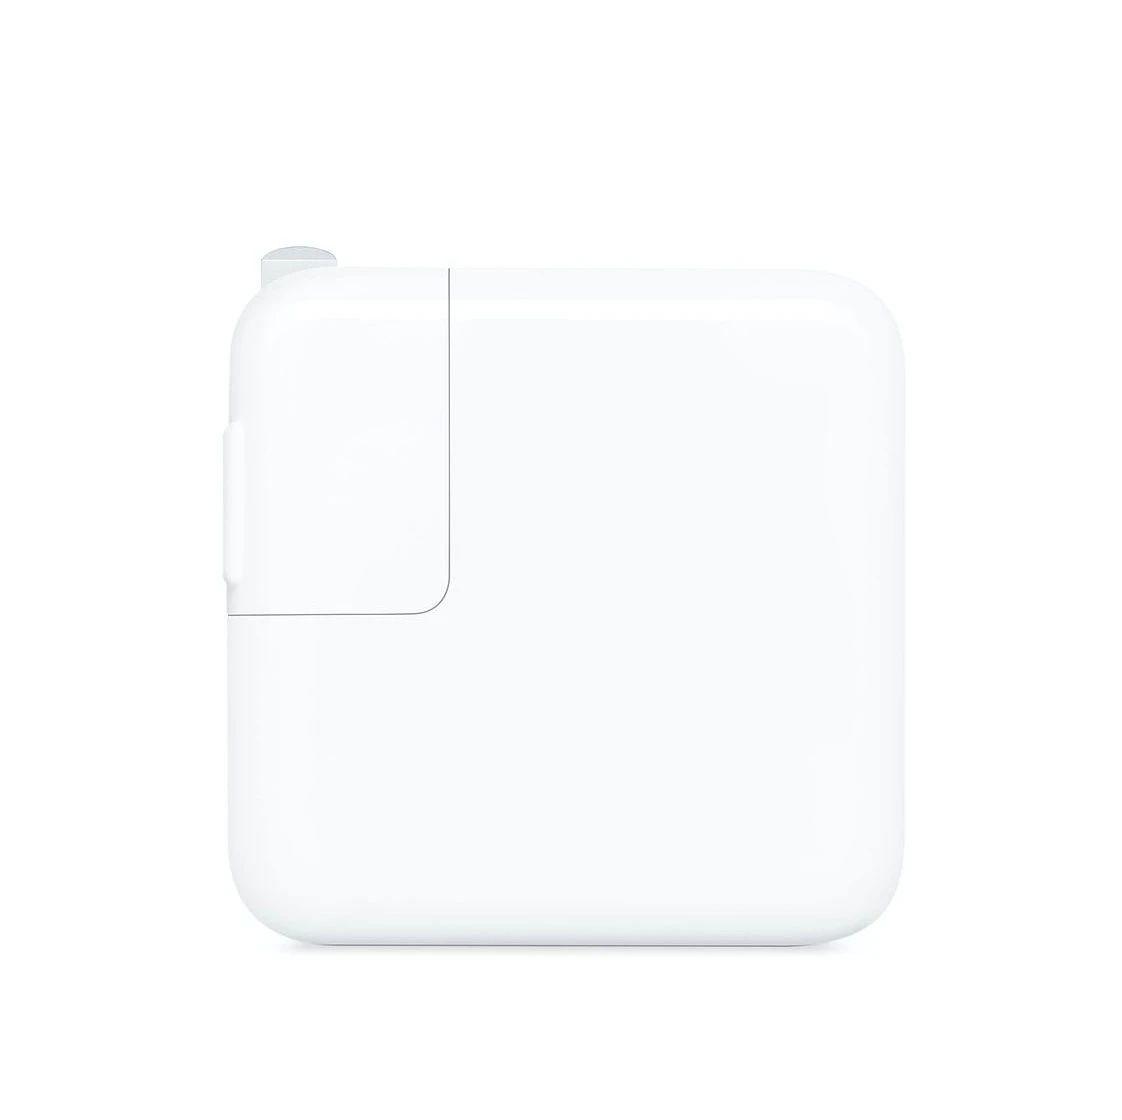 苹果发布30W USB-C电源适配器新版本:升级内容未知